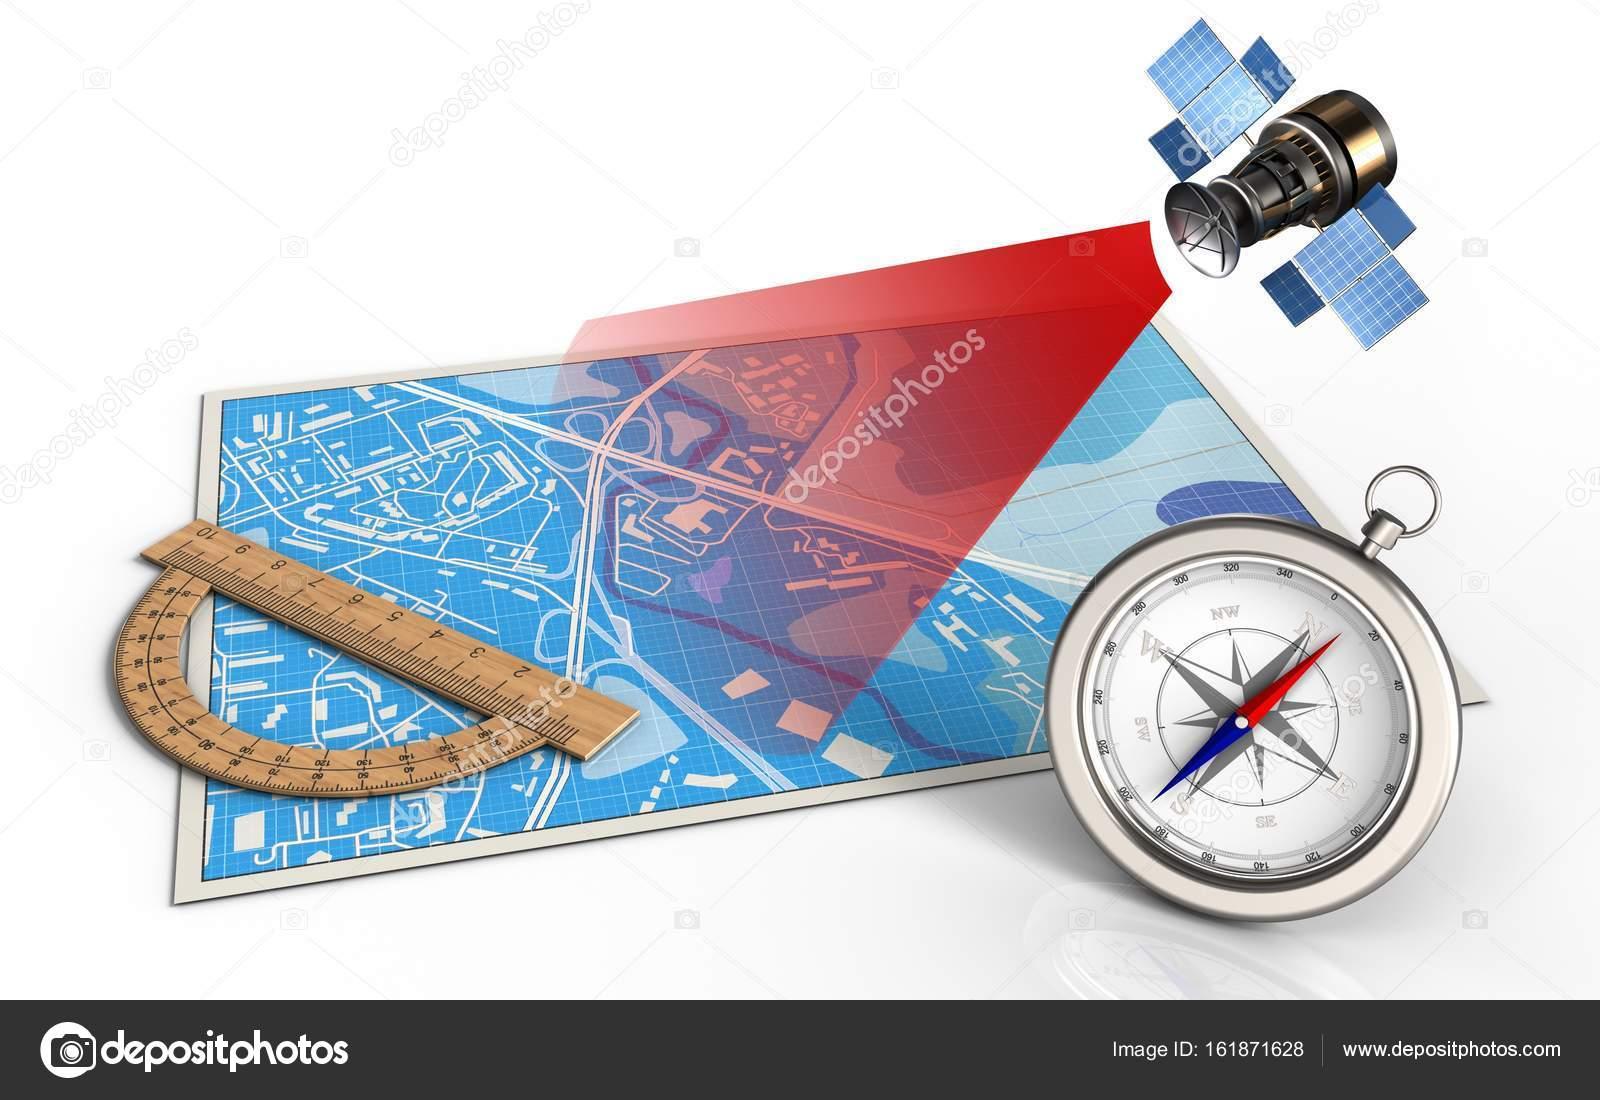 3d műholdas térkép a szögmérő, műholdas térkép — Stock Fotó © mmaxer #161871628 3d műholdas térkép